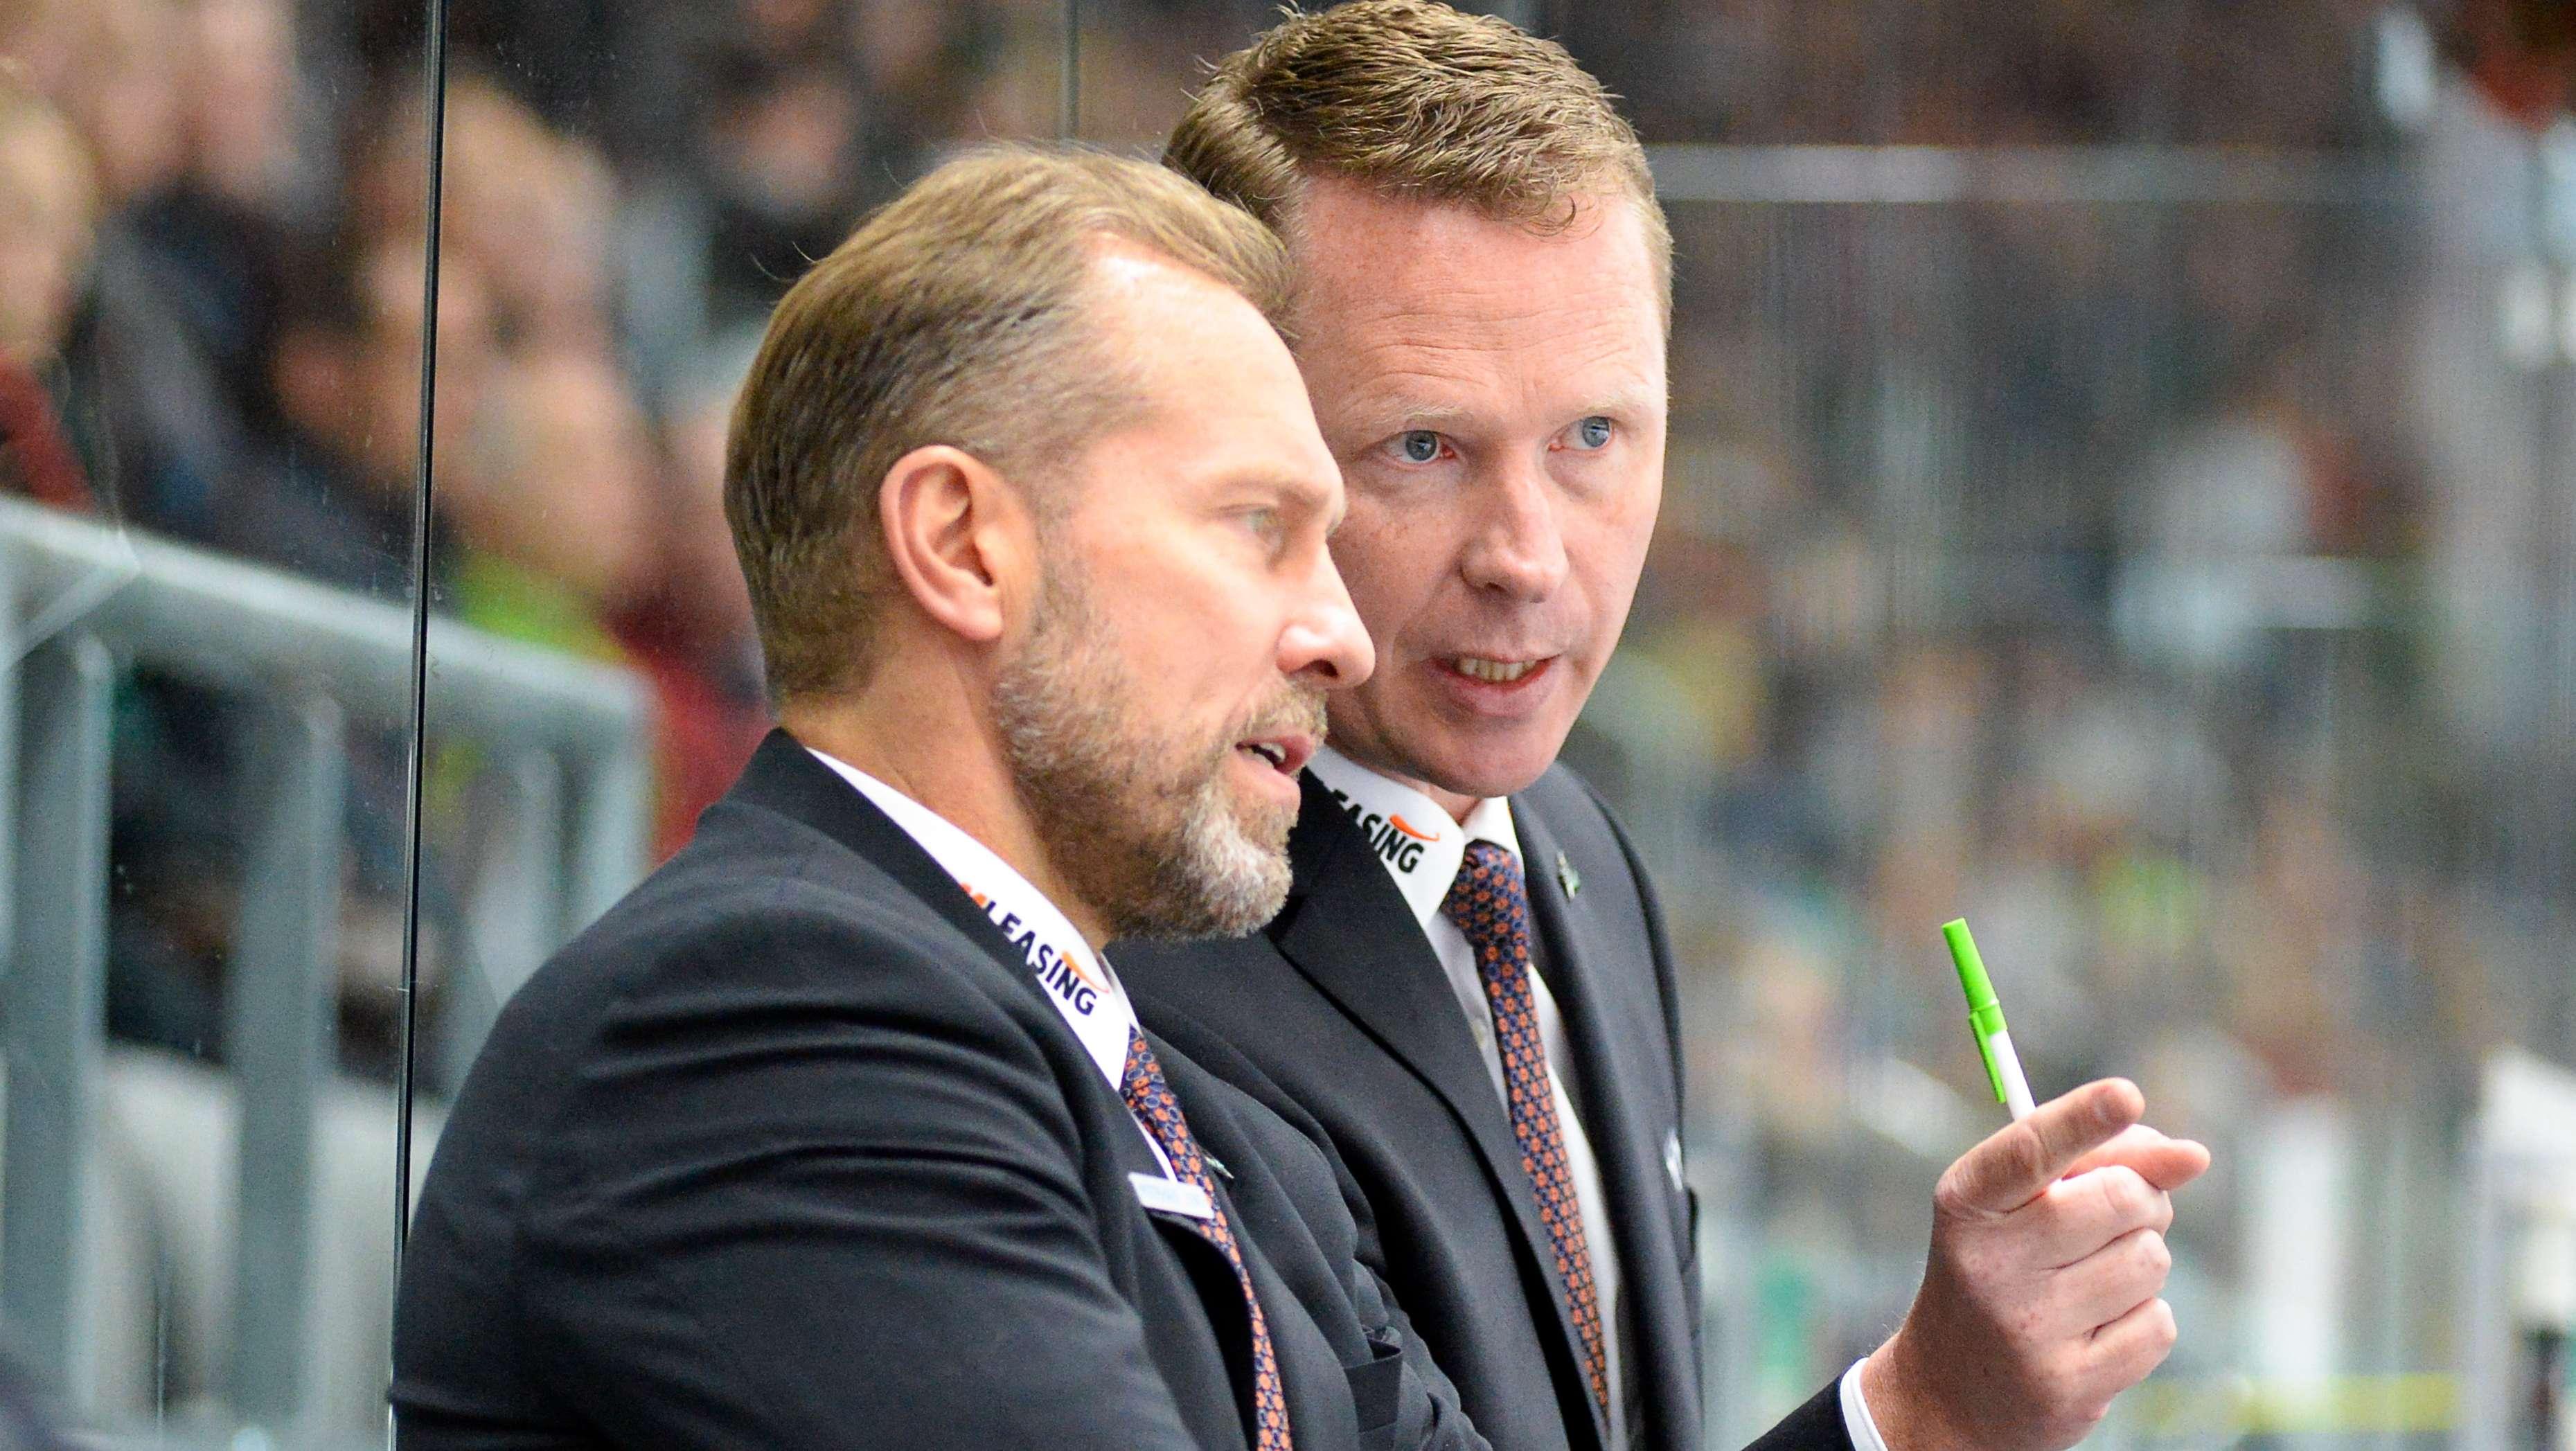 Tray Tuomie (l.) mit seinem Vorgänger als Cheftrainer, Mike Stewart